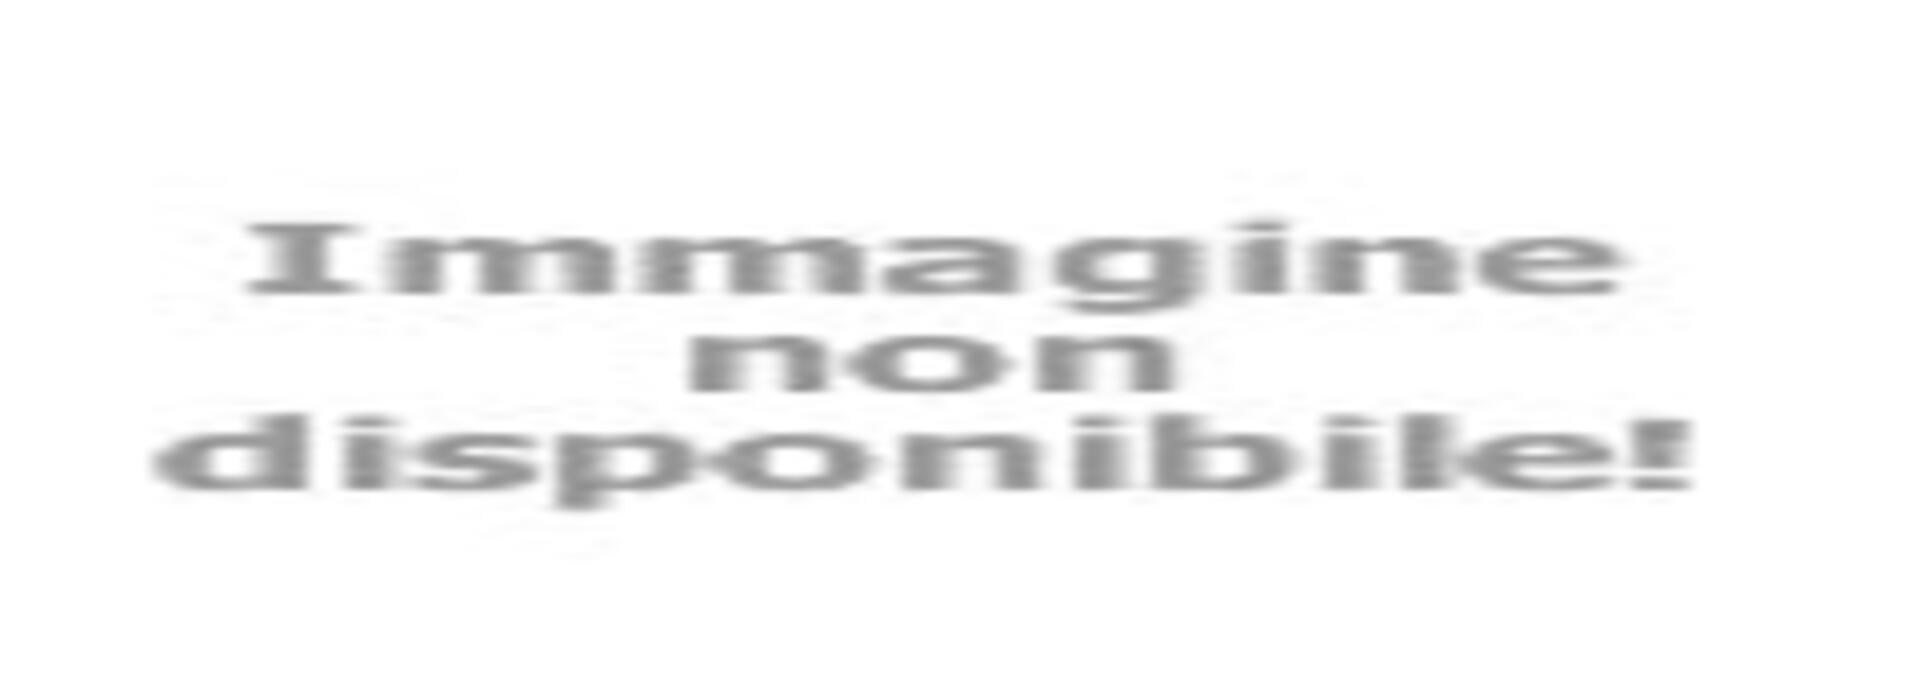 hotel-montecarlo de health-emergency-covid-19 019